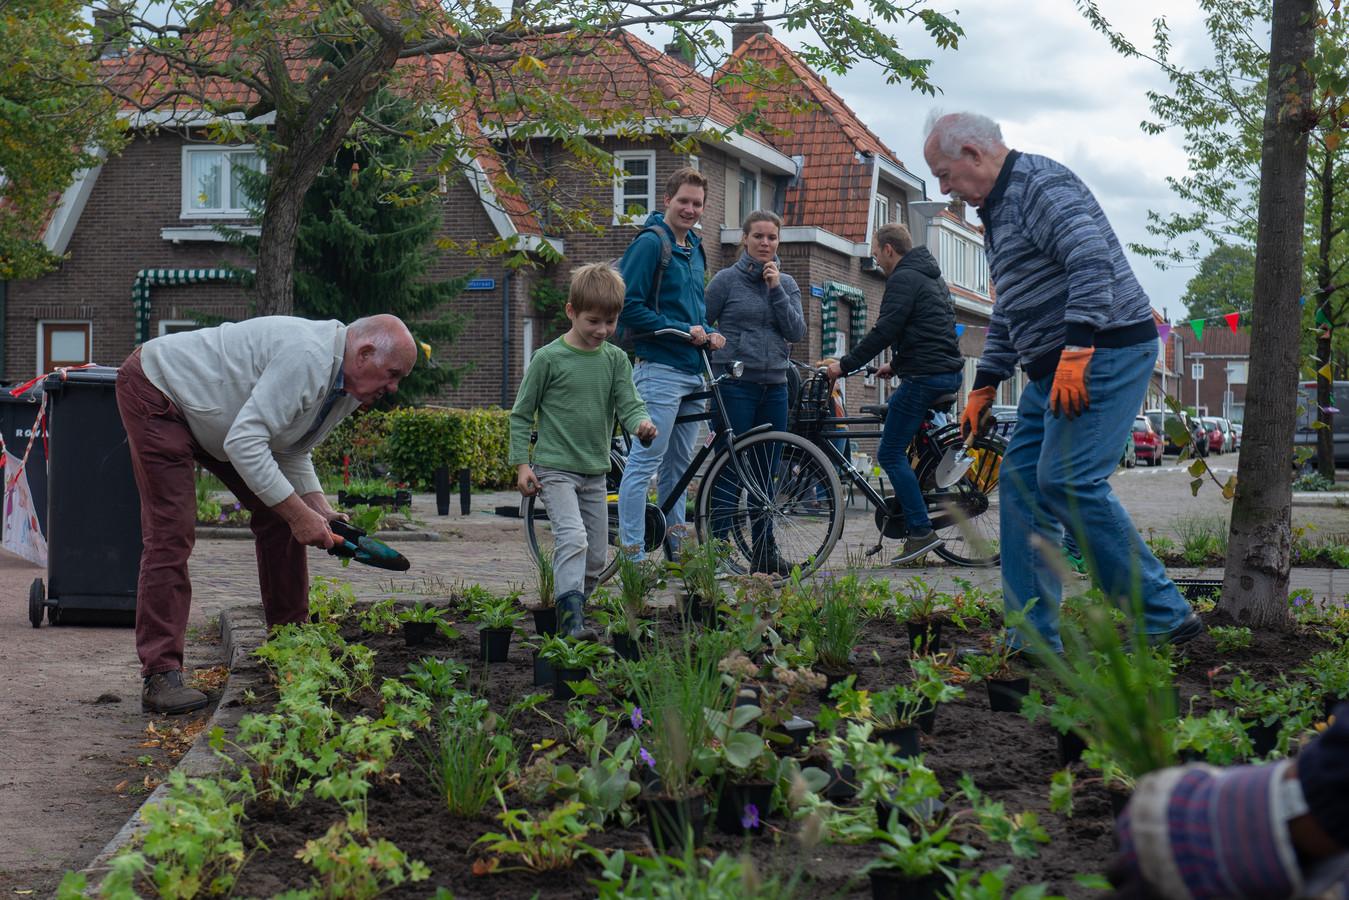 Bewoners in de Seringenstraat in Zwolle planten groen in de perkjes.